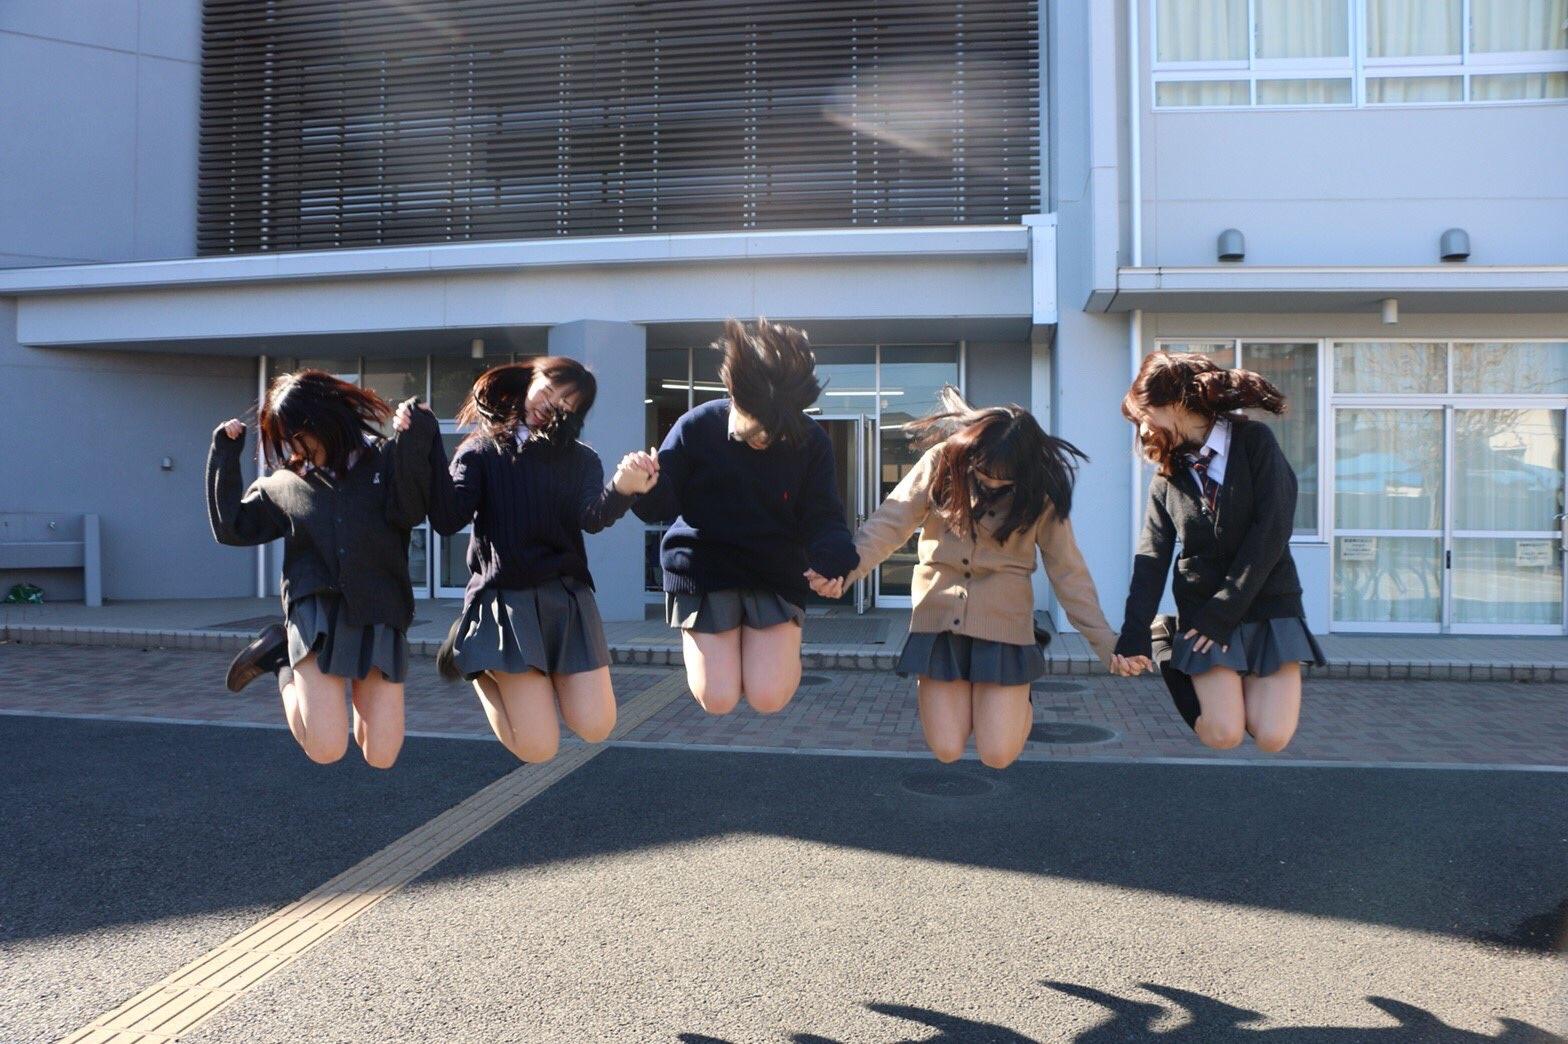 【画像】最近の女子高生、跳躍力がすごい